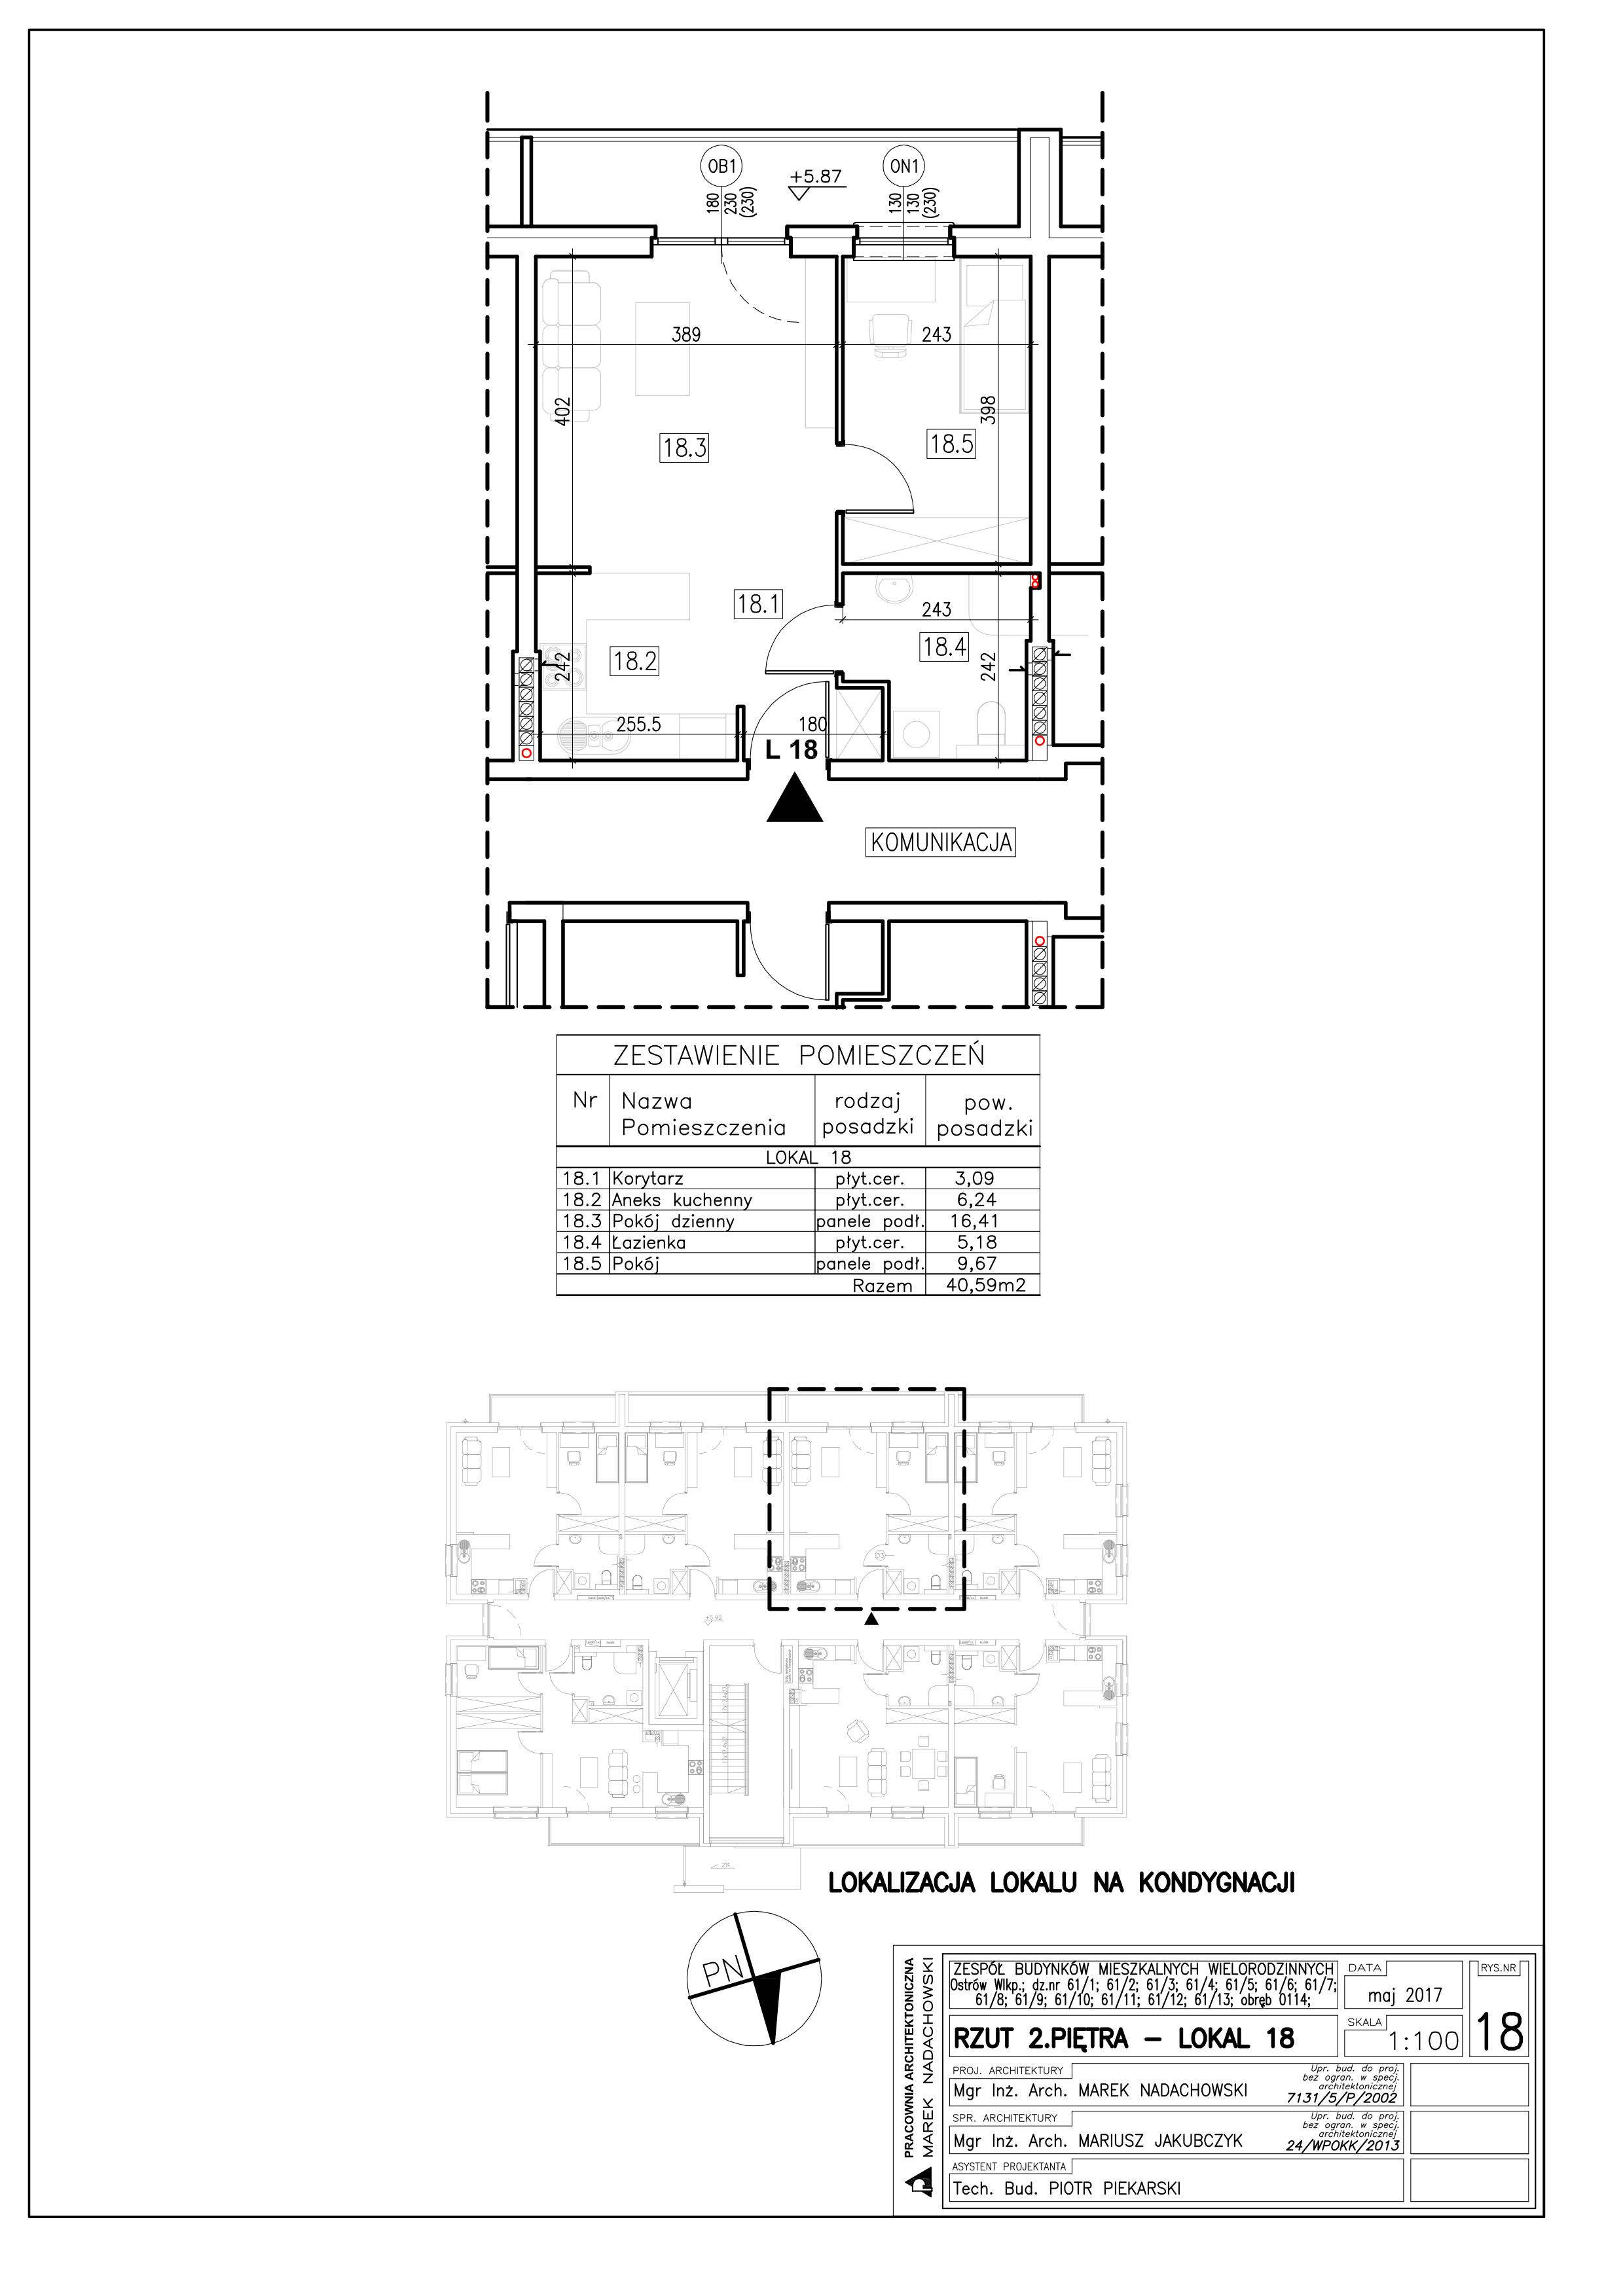 Lokal nr 18 Powierzchnia: 40,59 m2